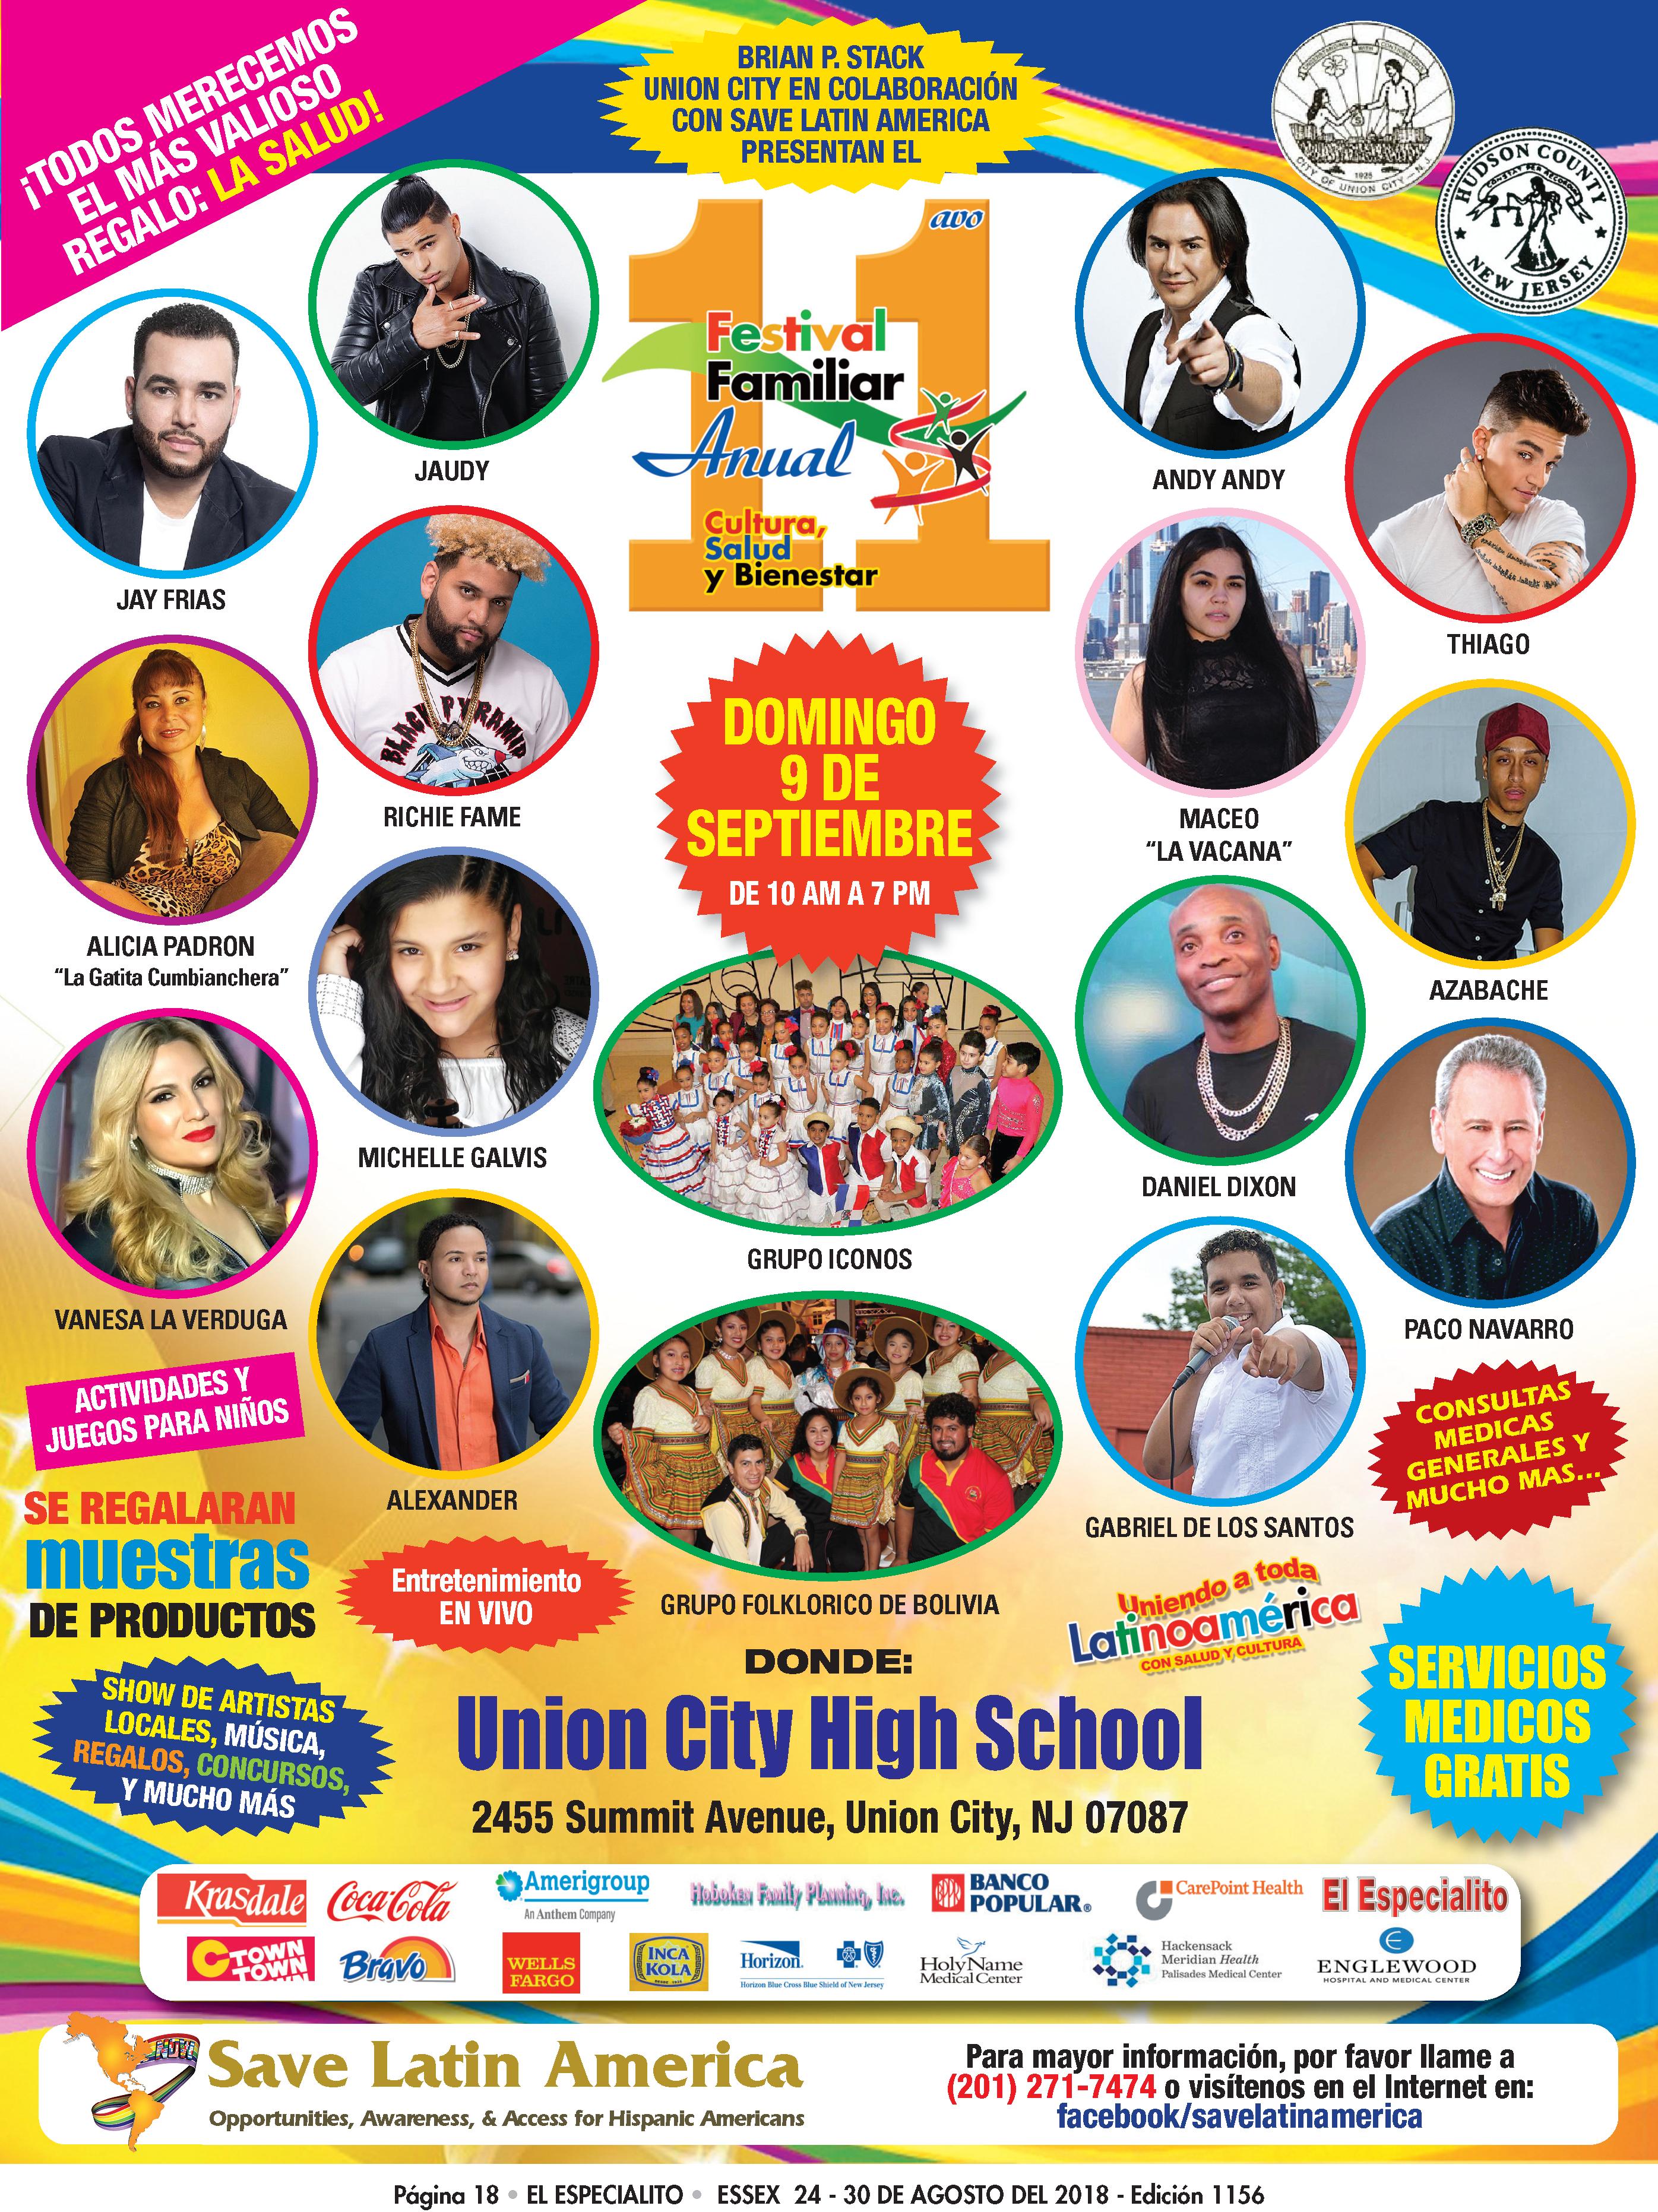 Presentación en el 11avo Anual Festival Familiar de Union City el 9 de Septiembre